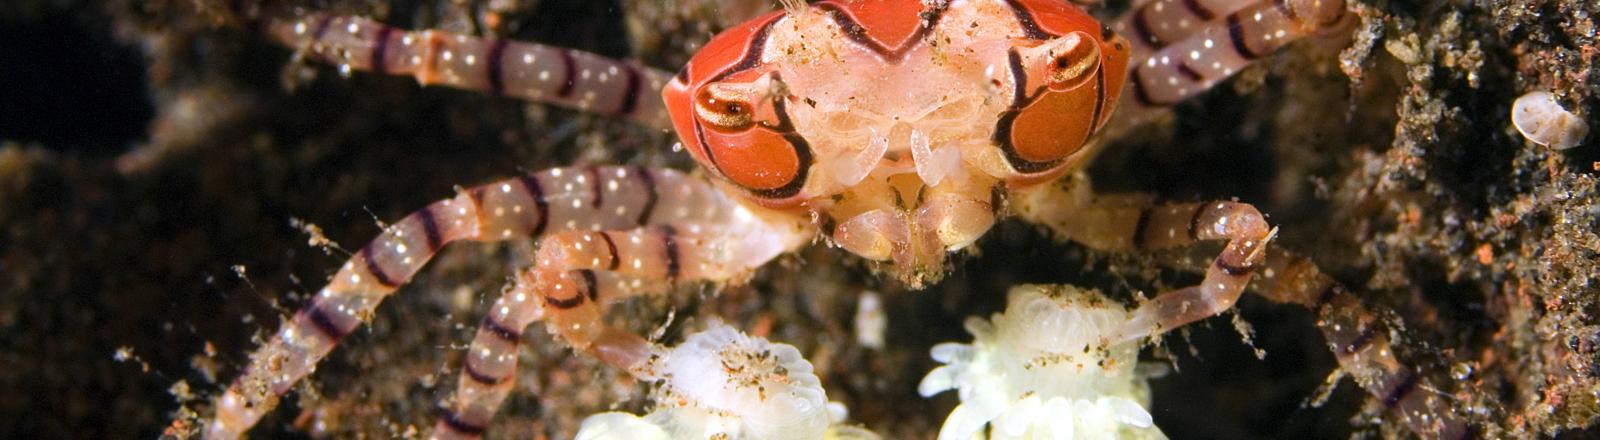 Boxerkrabbe verteidigt sich mit Anemonen an den Scheren.